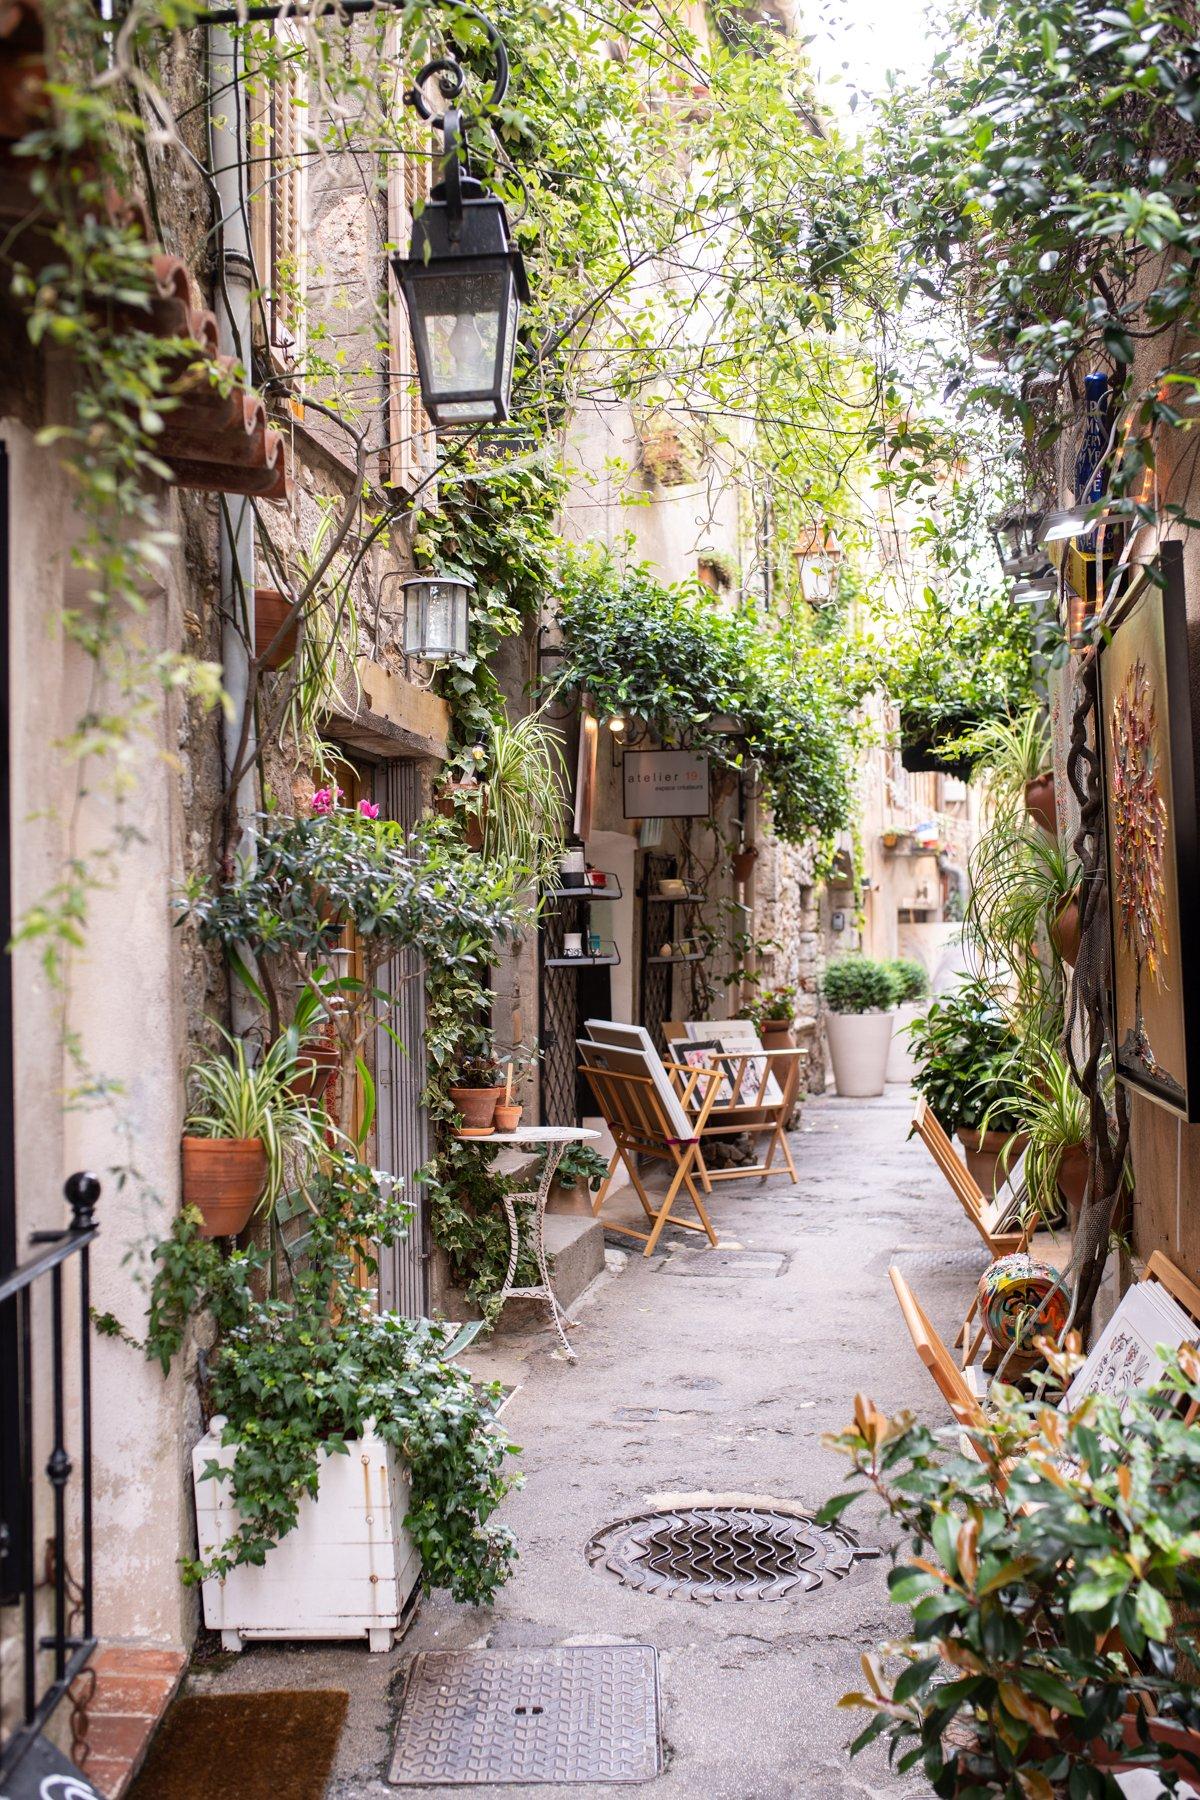 Les Rosees Mougins France x Stacie Flinner-26.jpg